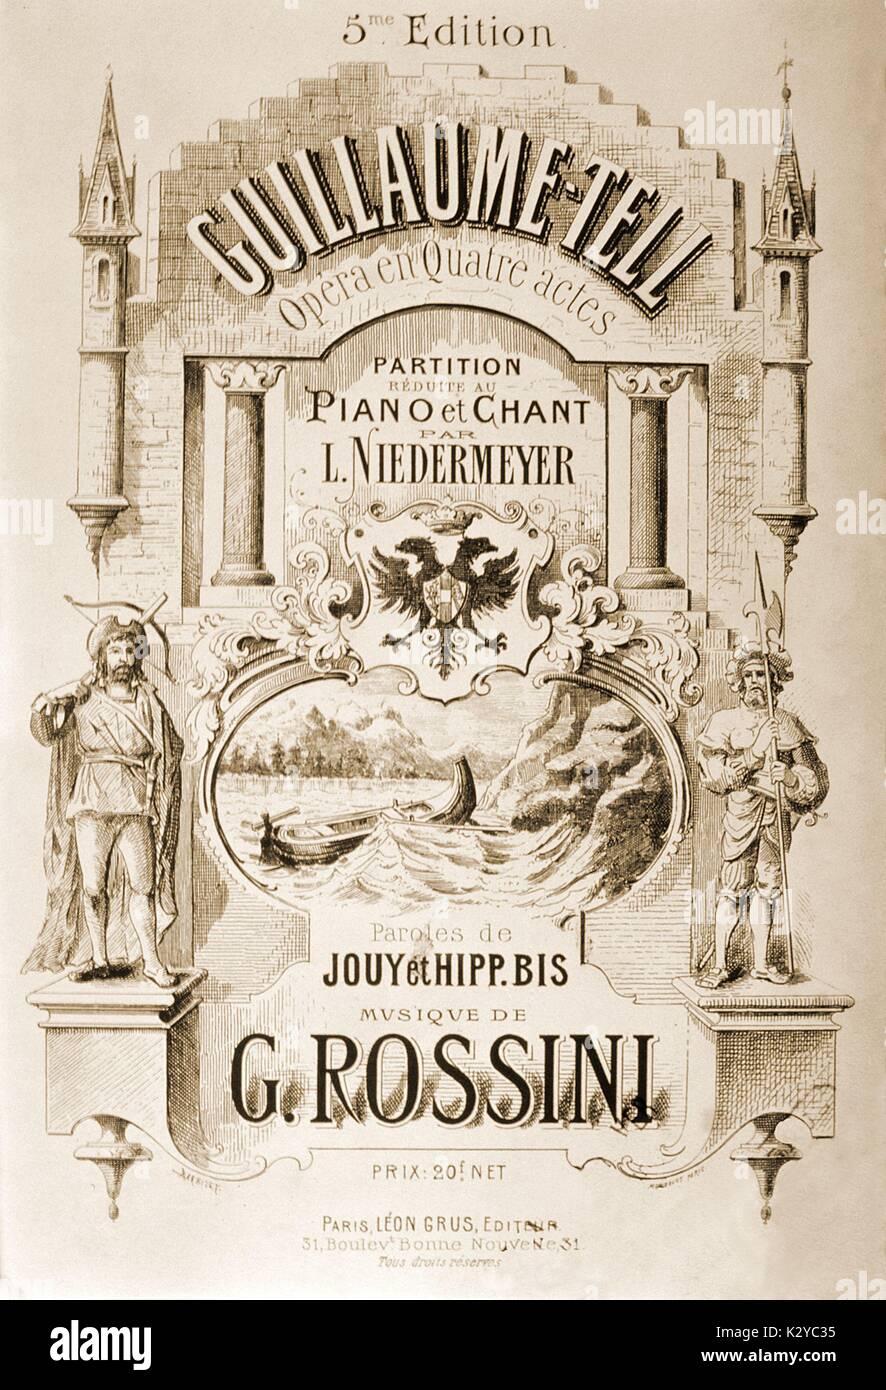 rossini-guillaume-tell